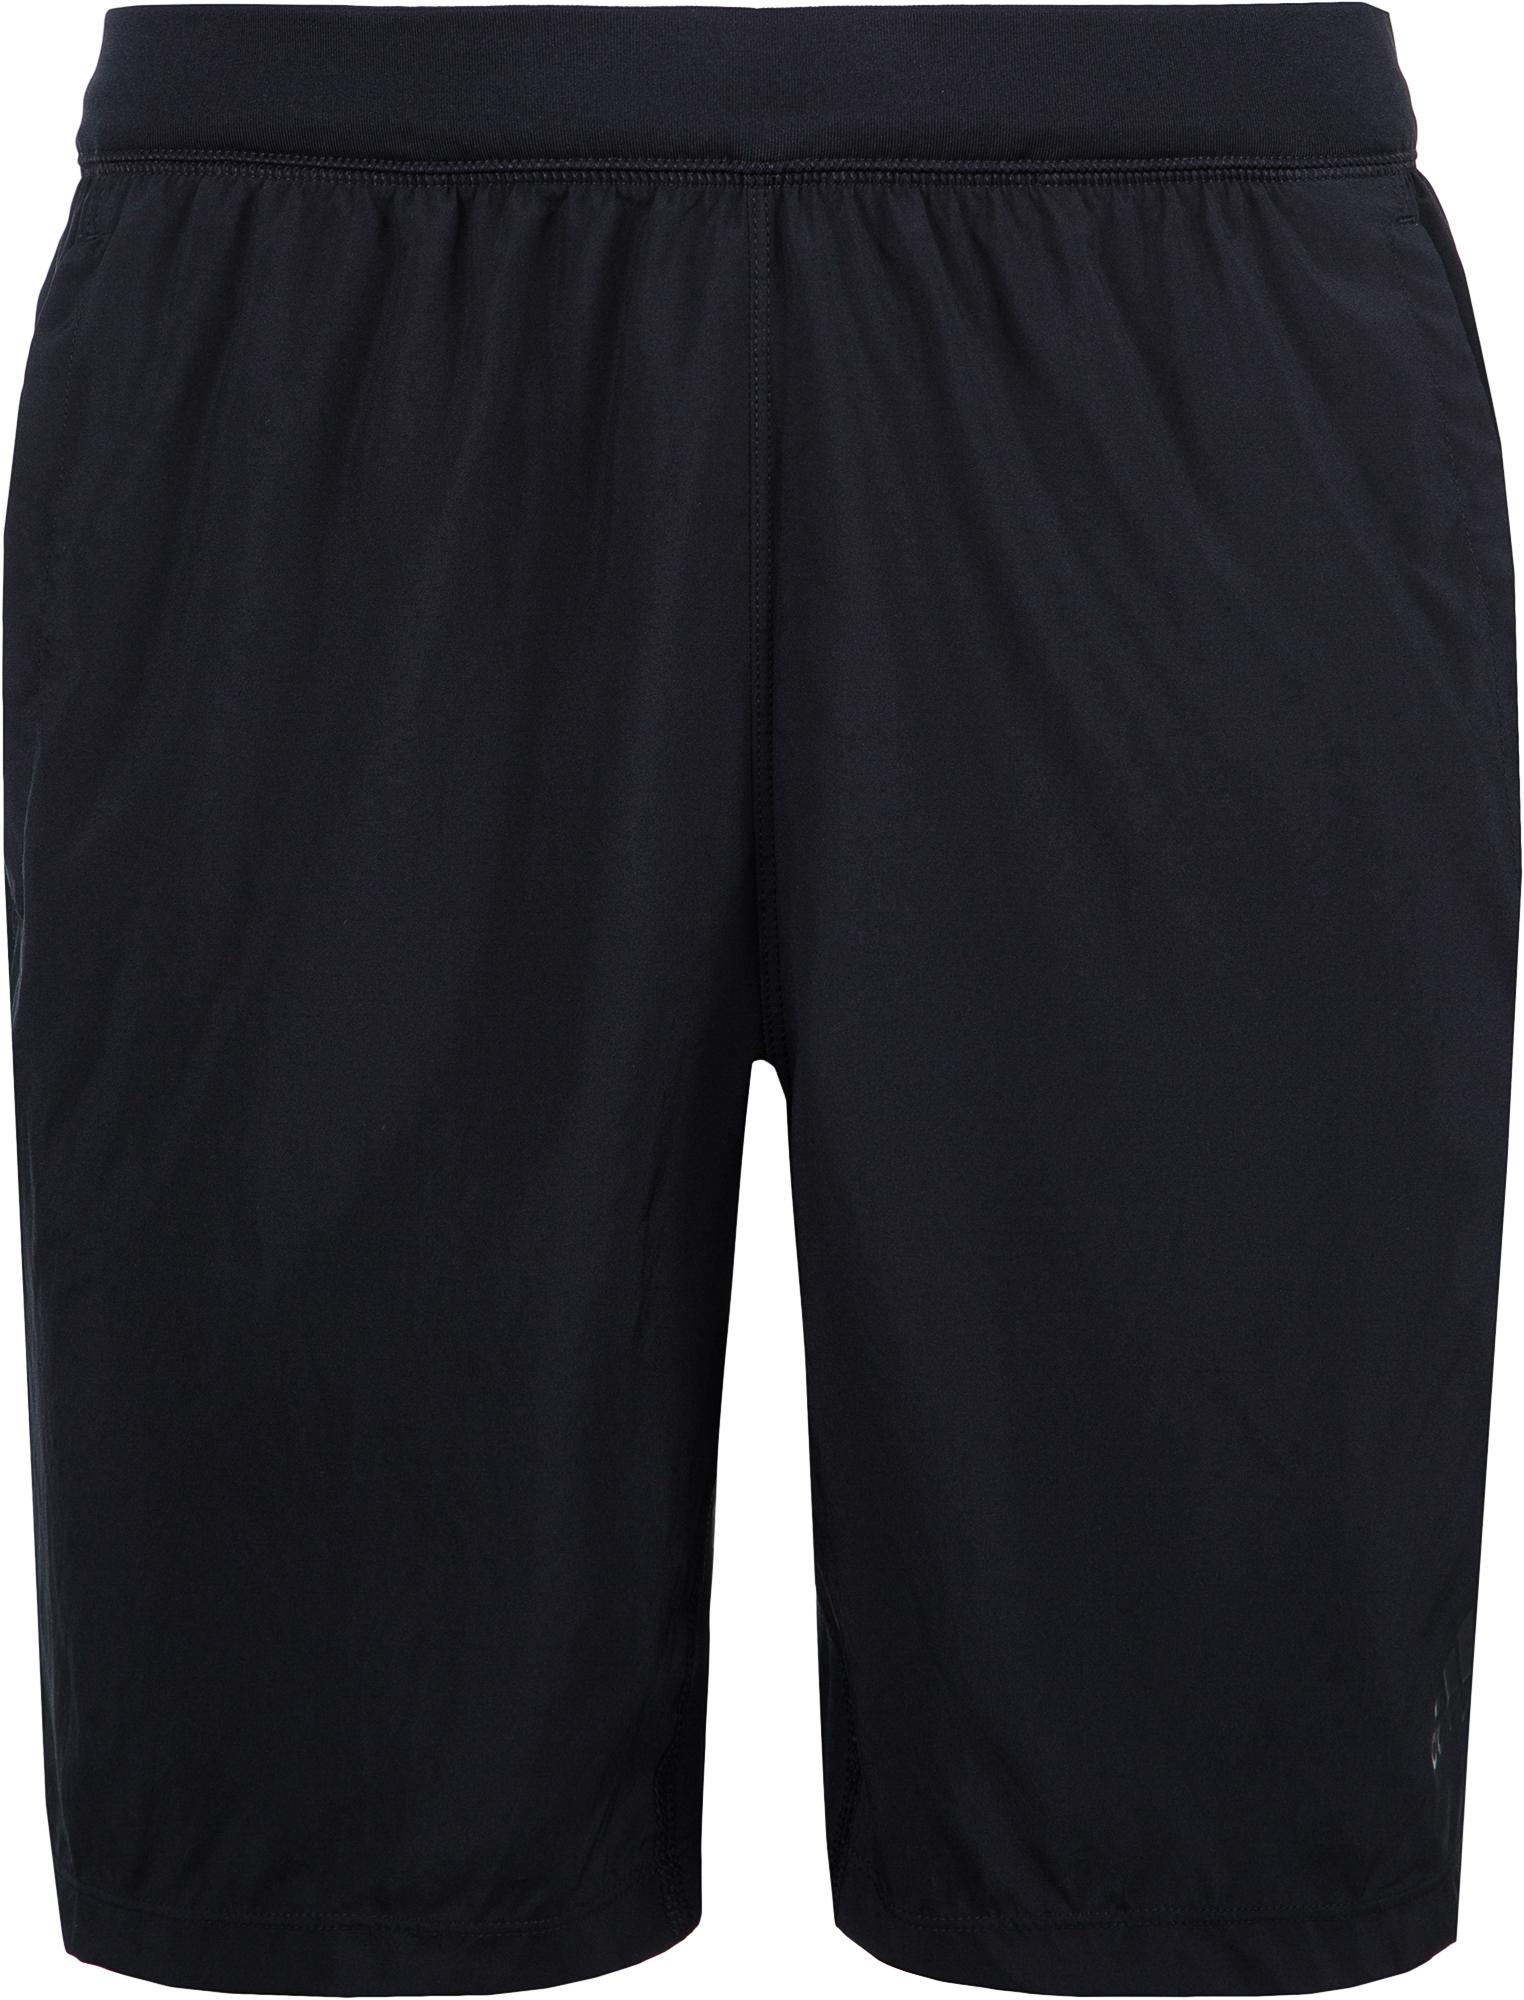 Adidas Шорты мужские 4KRFT Tech 3-Stripes, размер 54